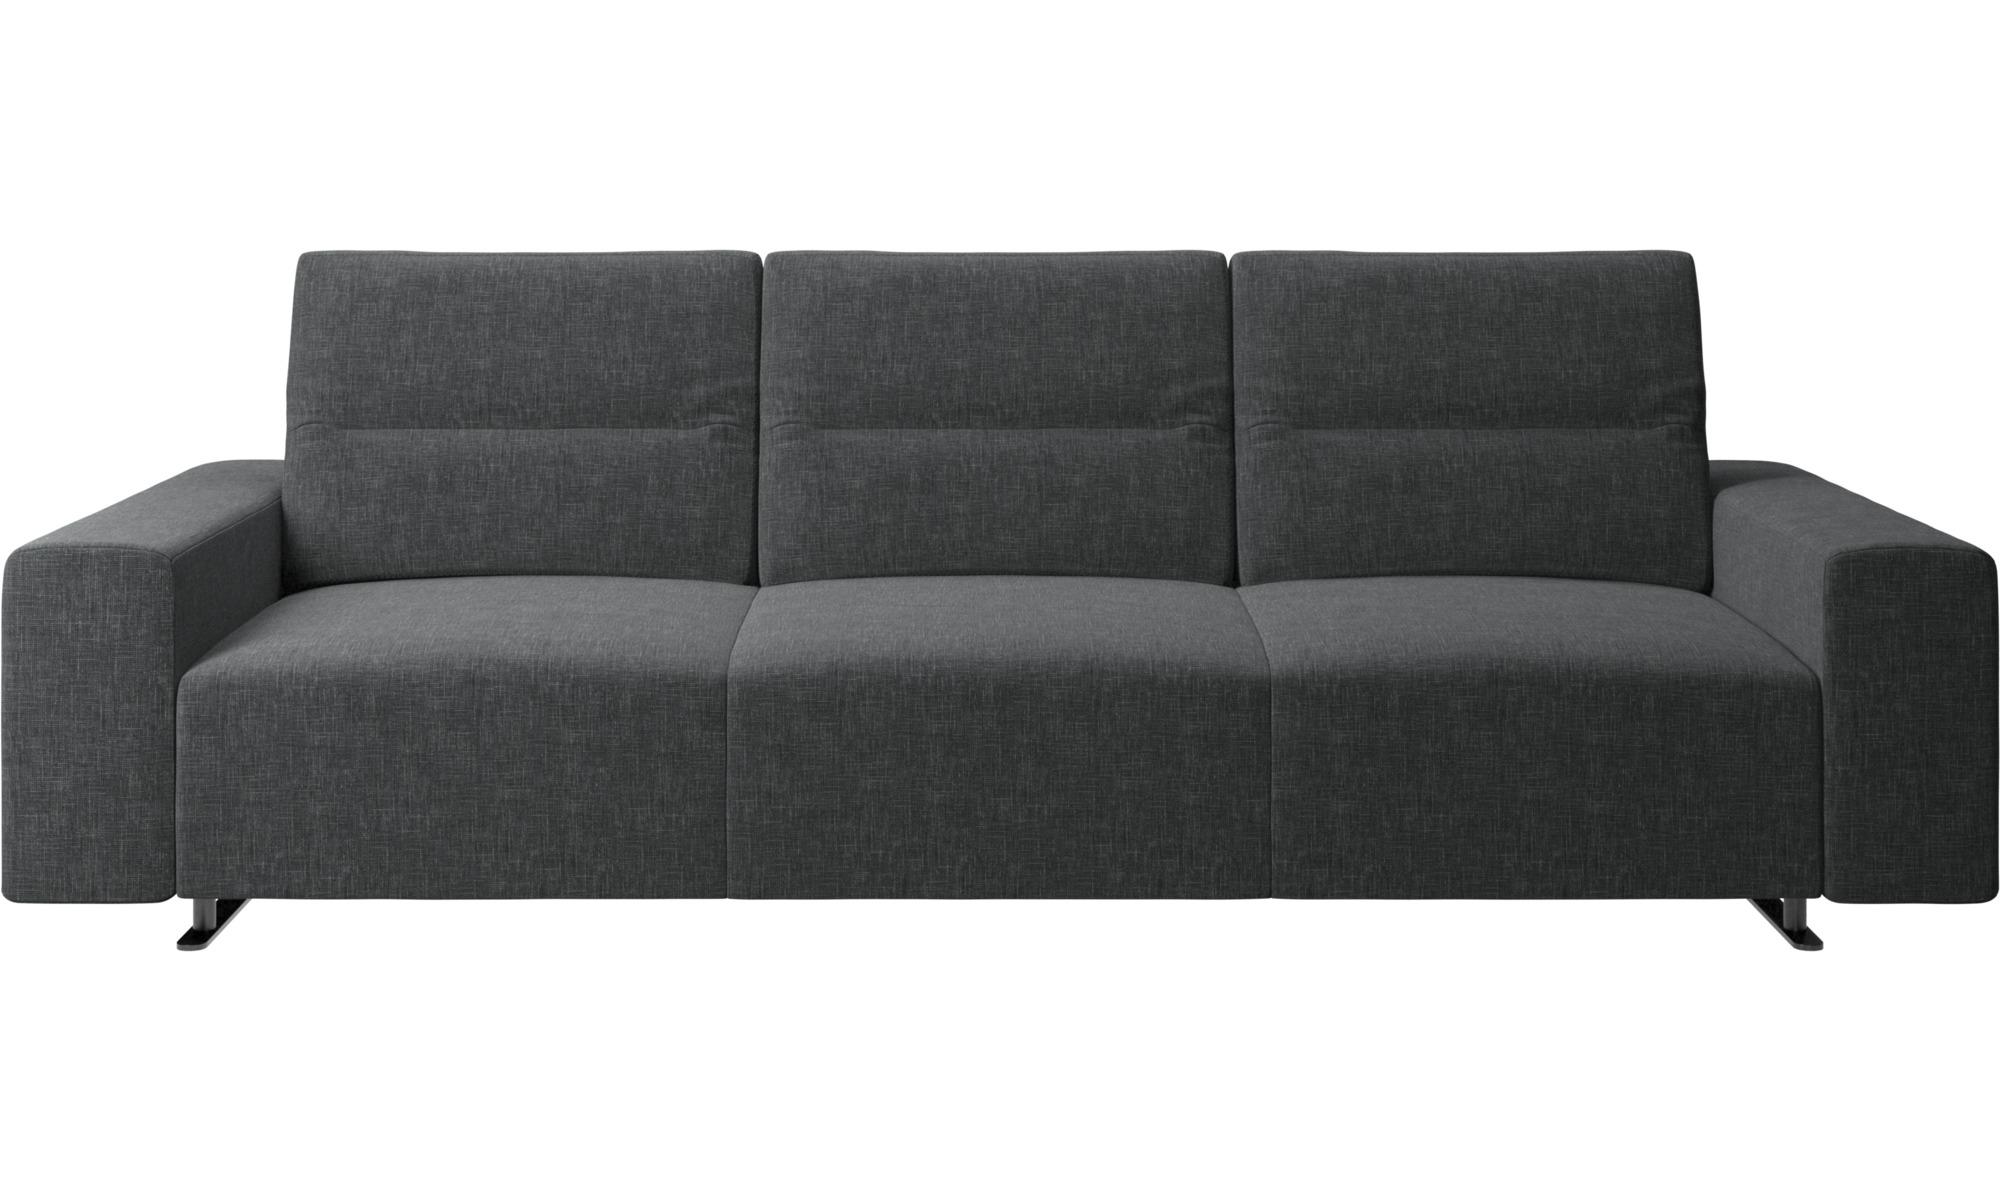 3 Sitzer Sofas Hampton Sofa Mit Verstellbarer Rückenlehne Und